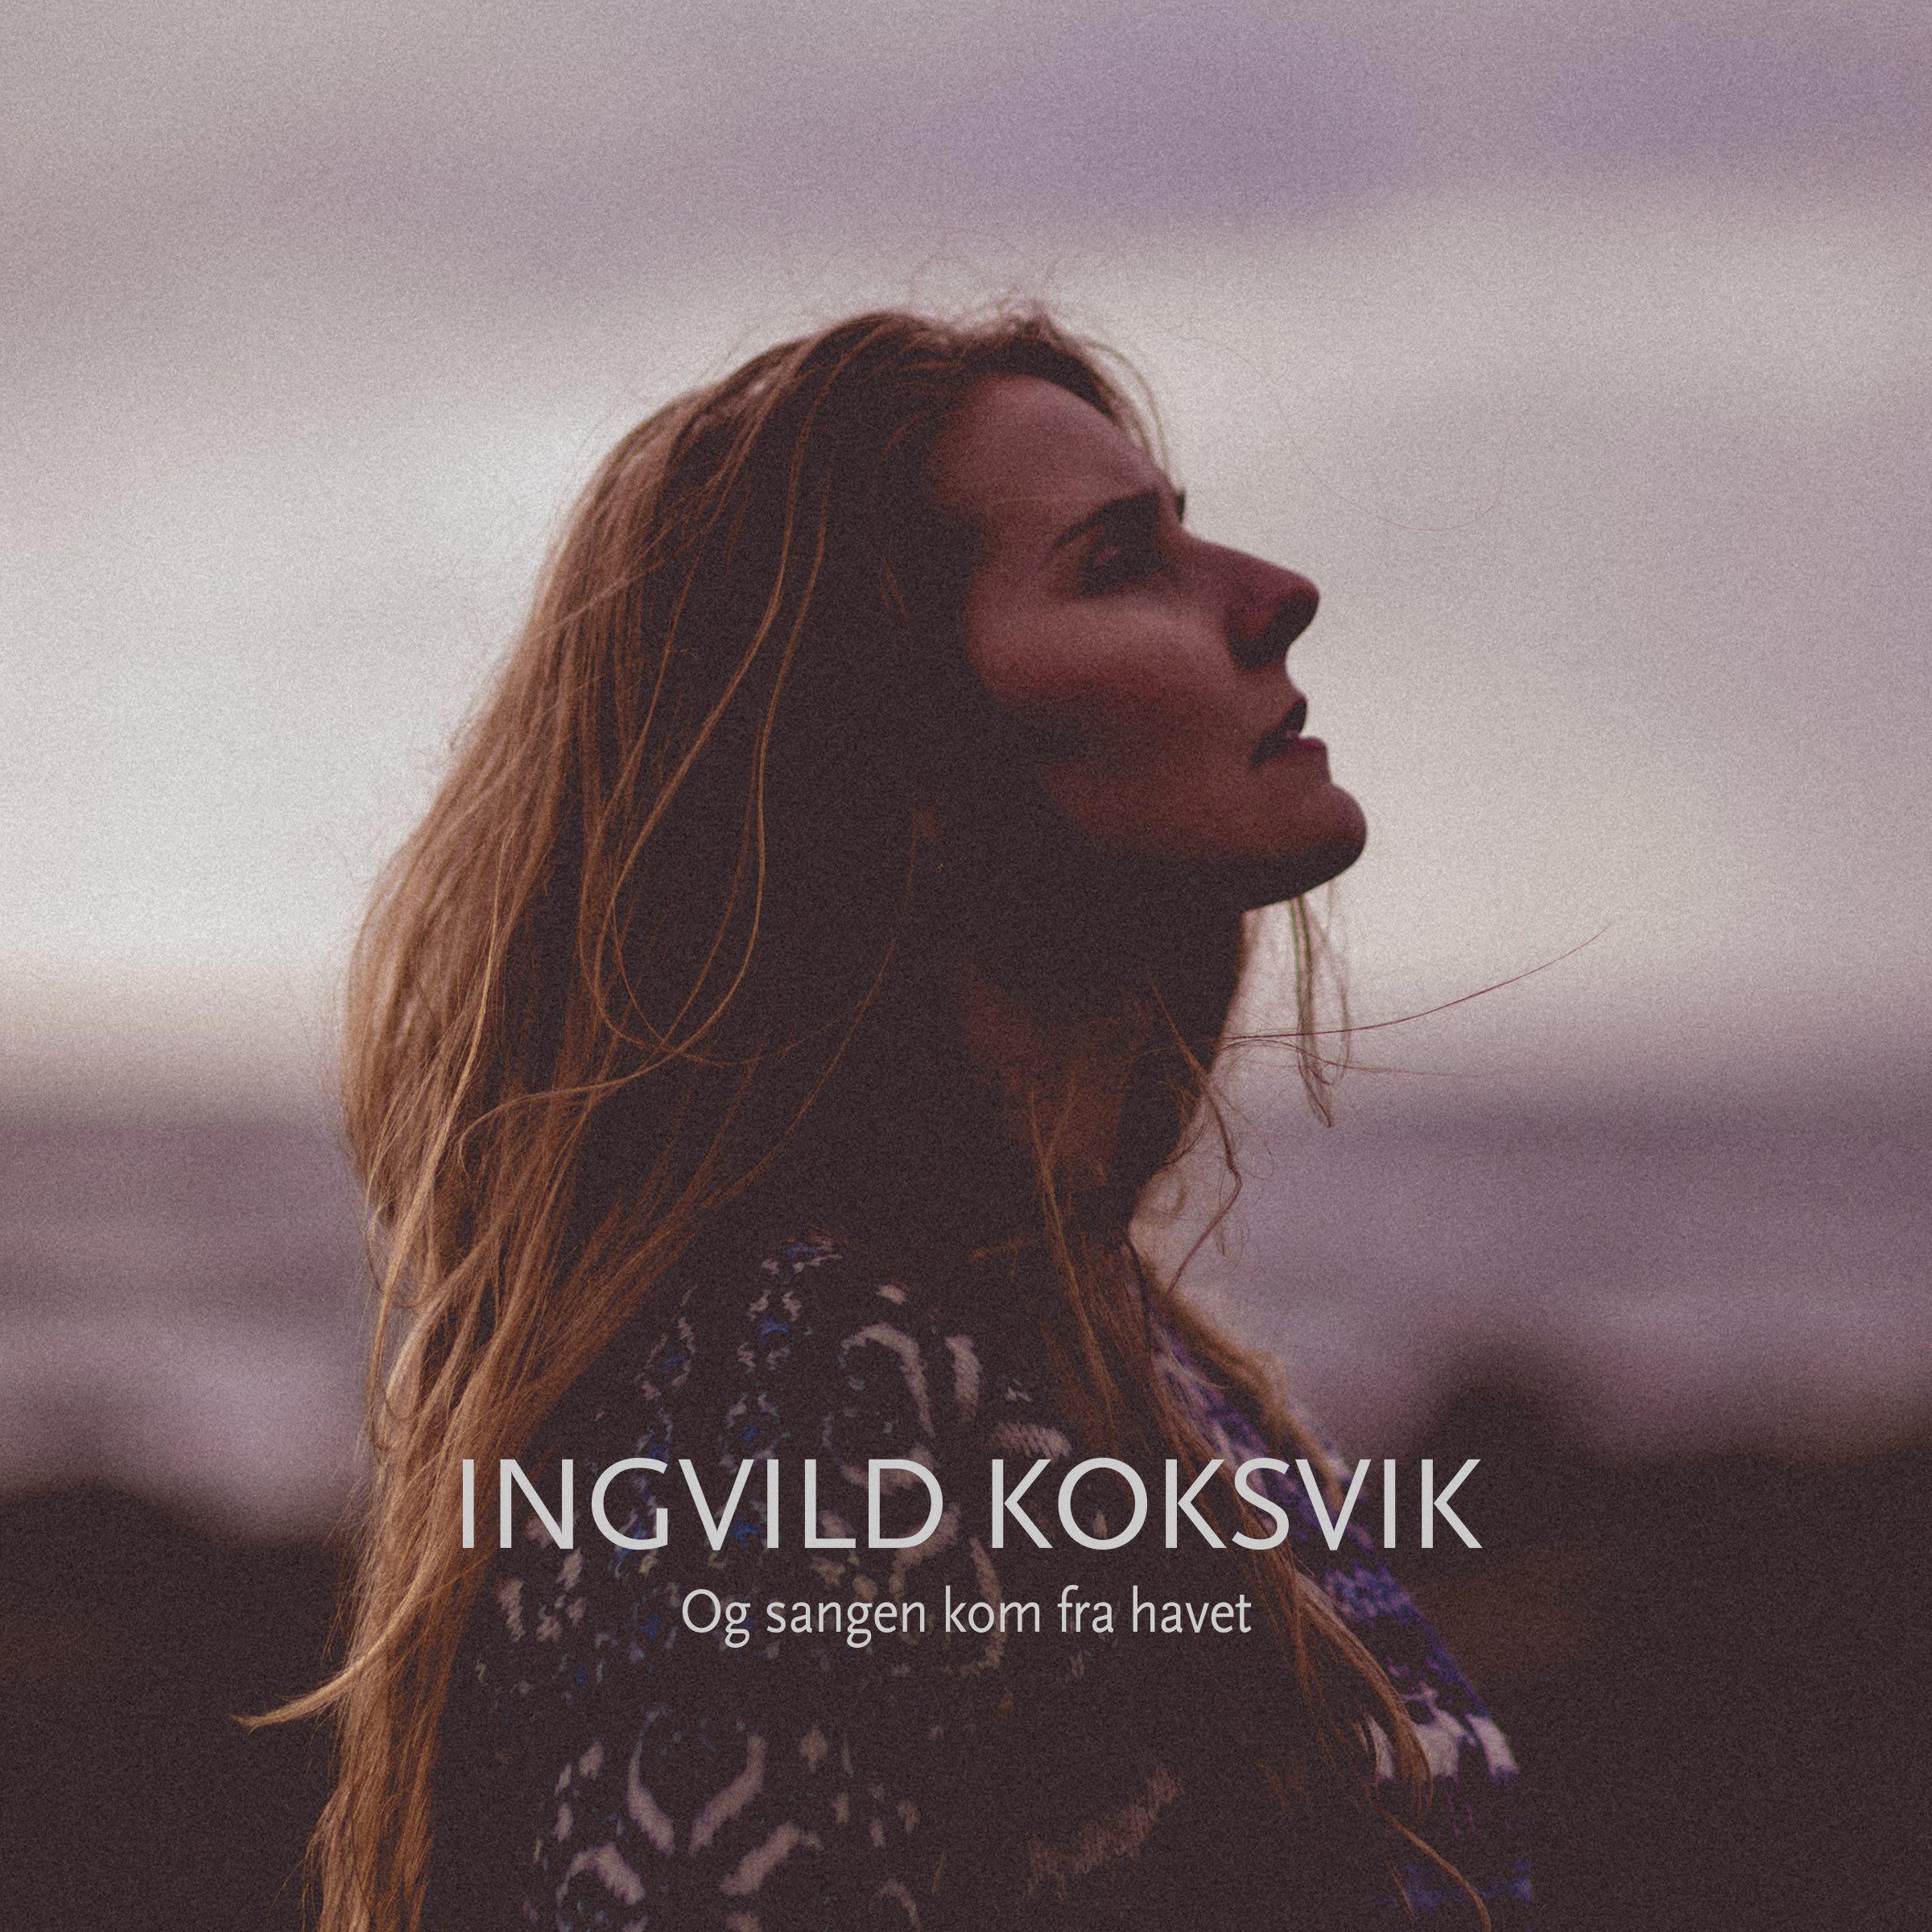 Og sangen kom fra havet (single) - Ingvild Koksvik